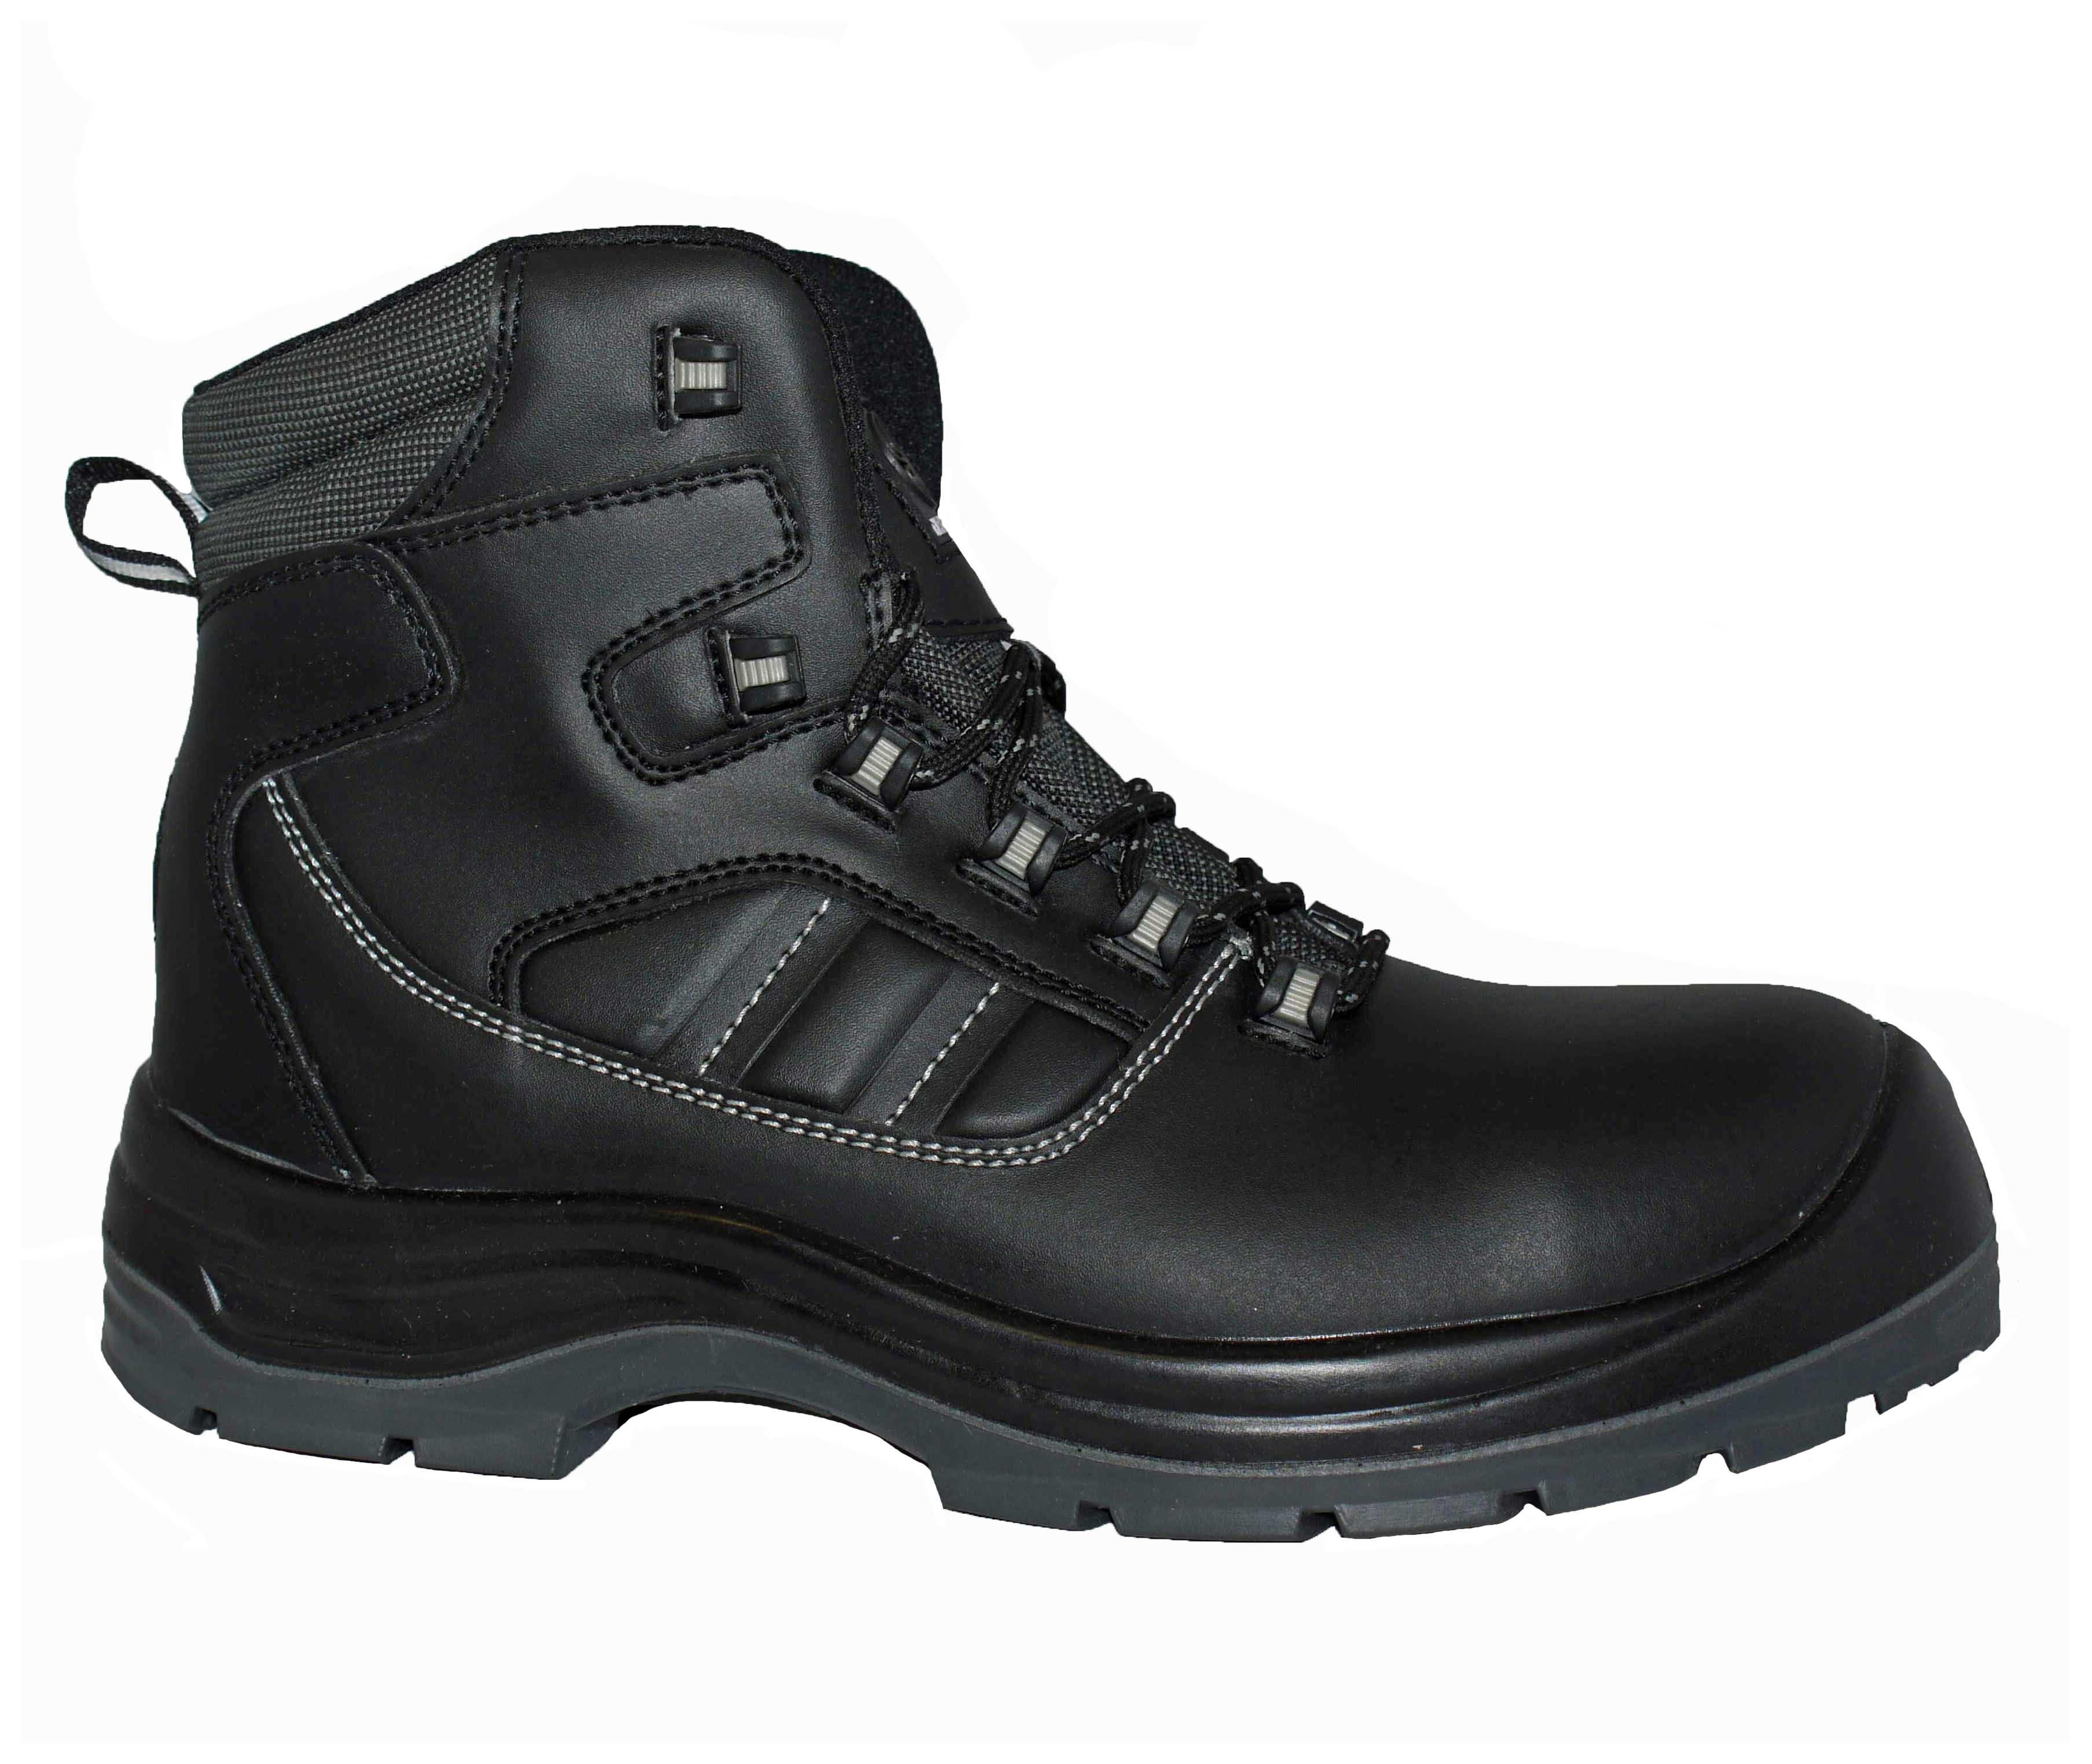 REDBACK Platinum Non-Metallic Safety Boot S3 SRC (Composite Toecap)